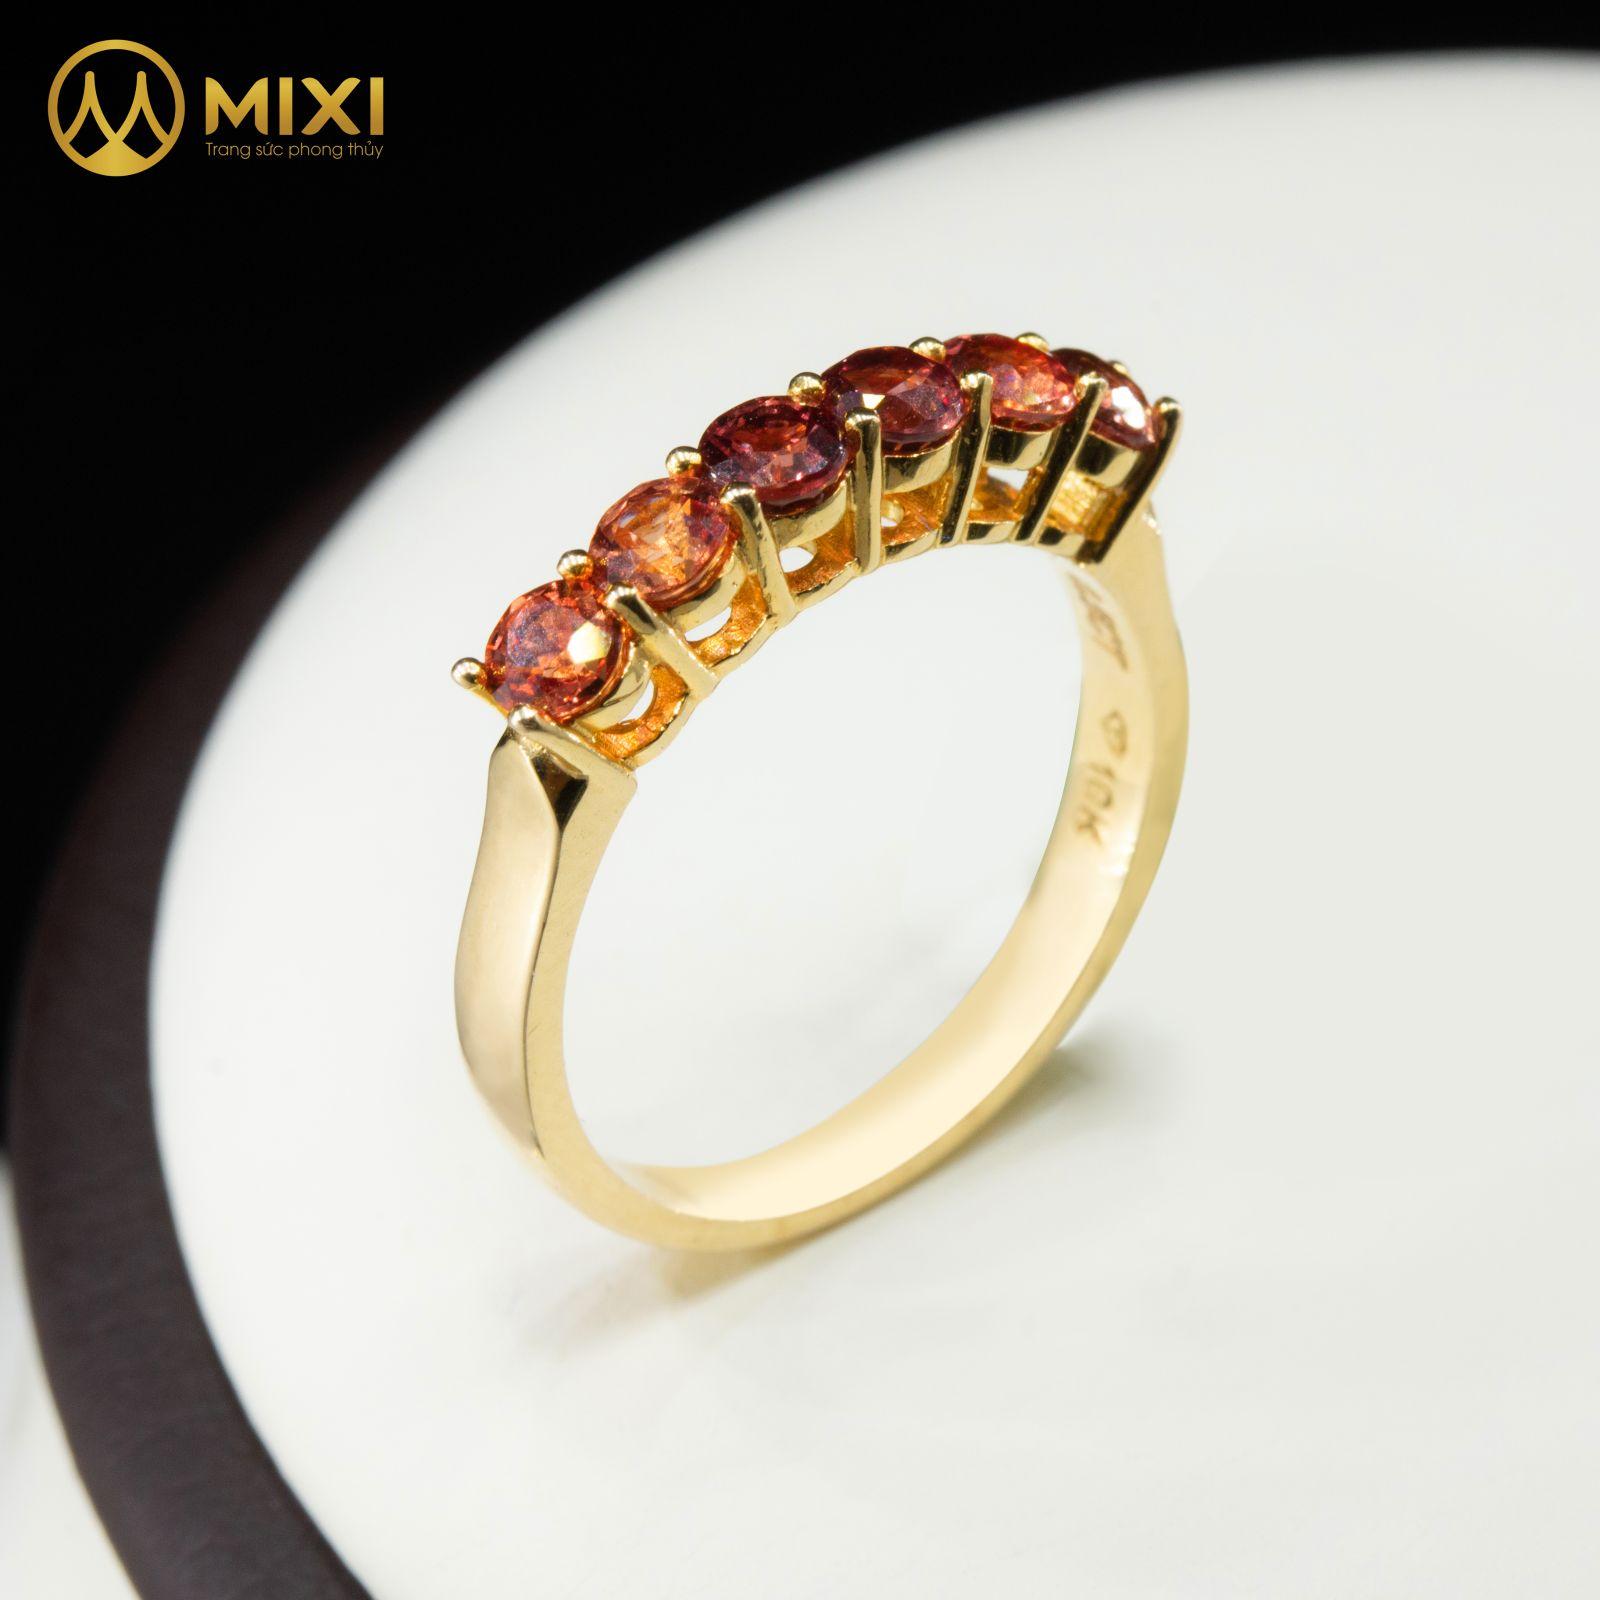 Nhẫn Nữ Saphia Hồng Kết 6 Vàng 10K